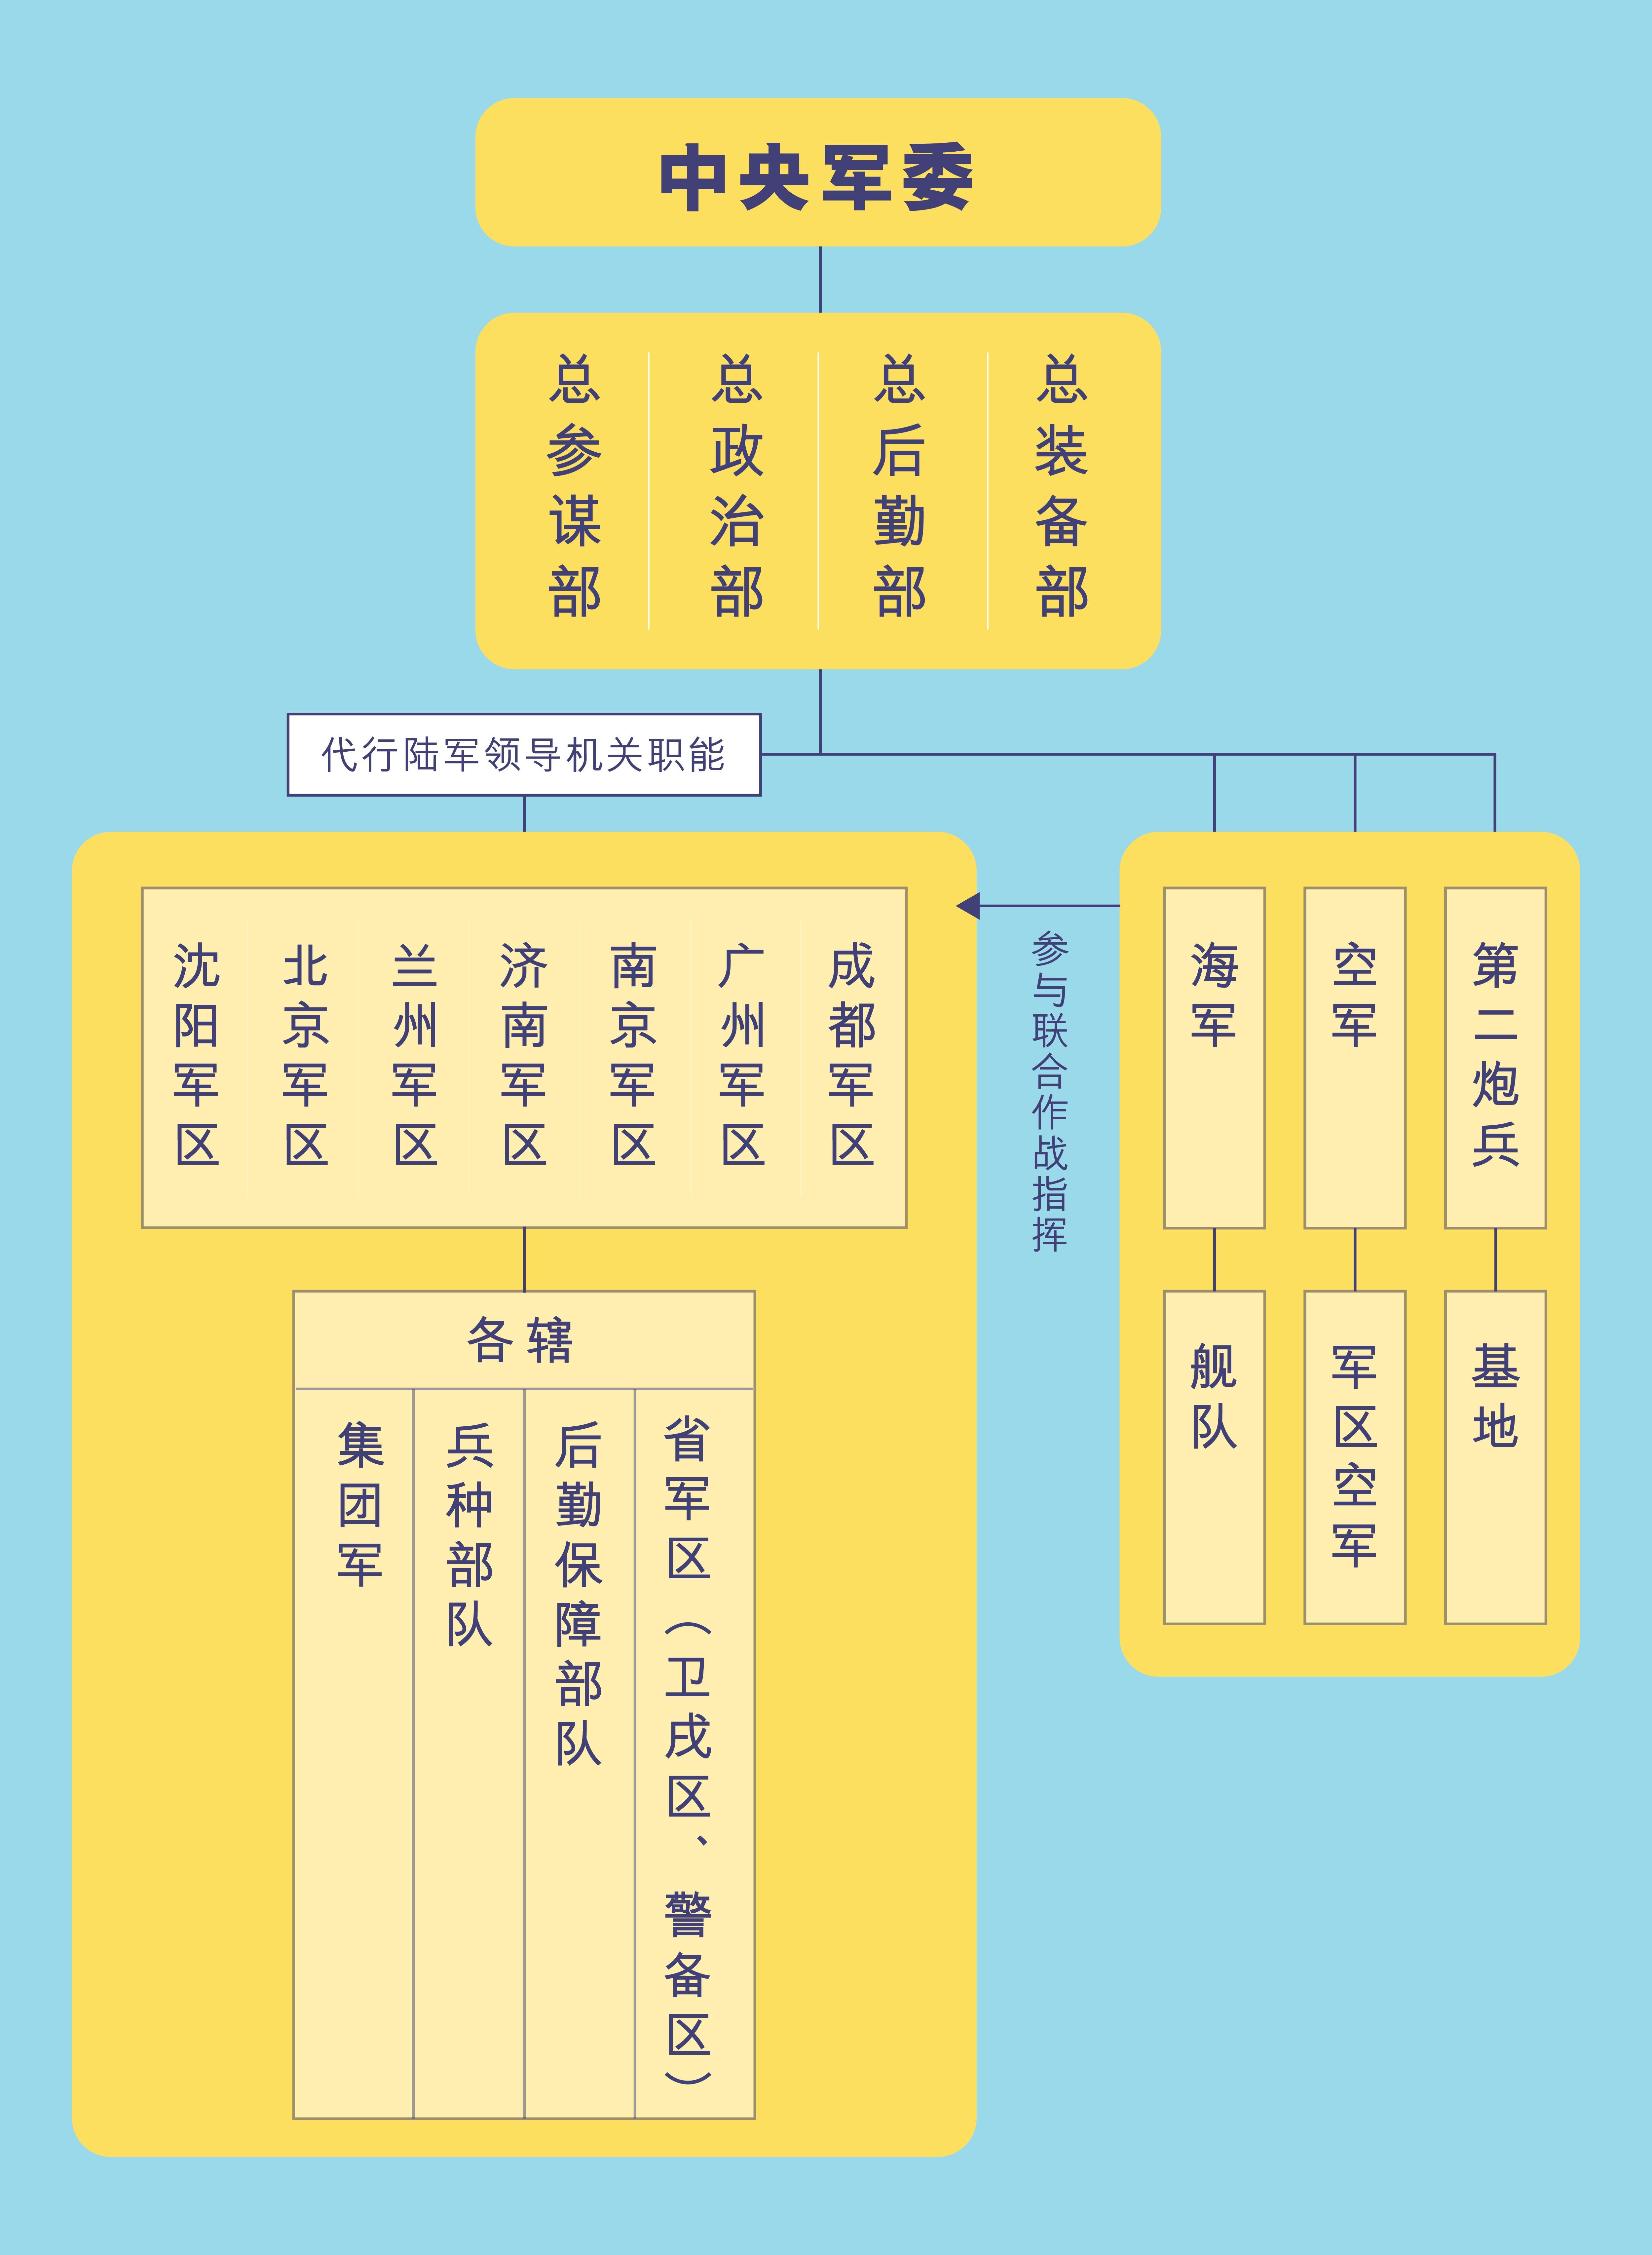 main_site_illustration_zhongyangjunwei_v2-01